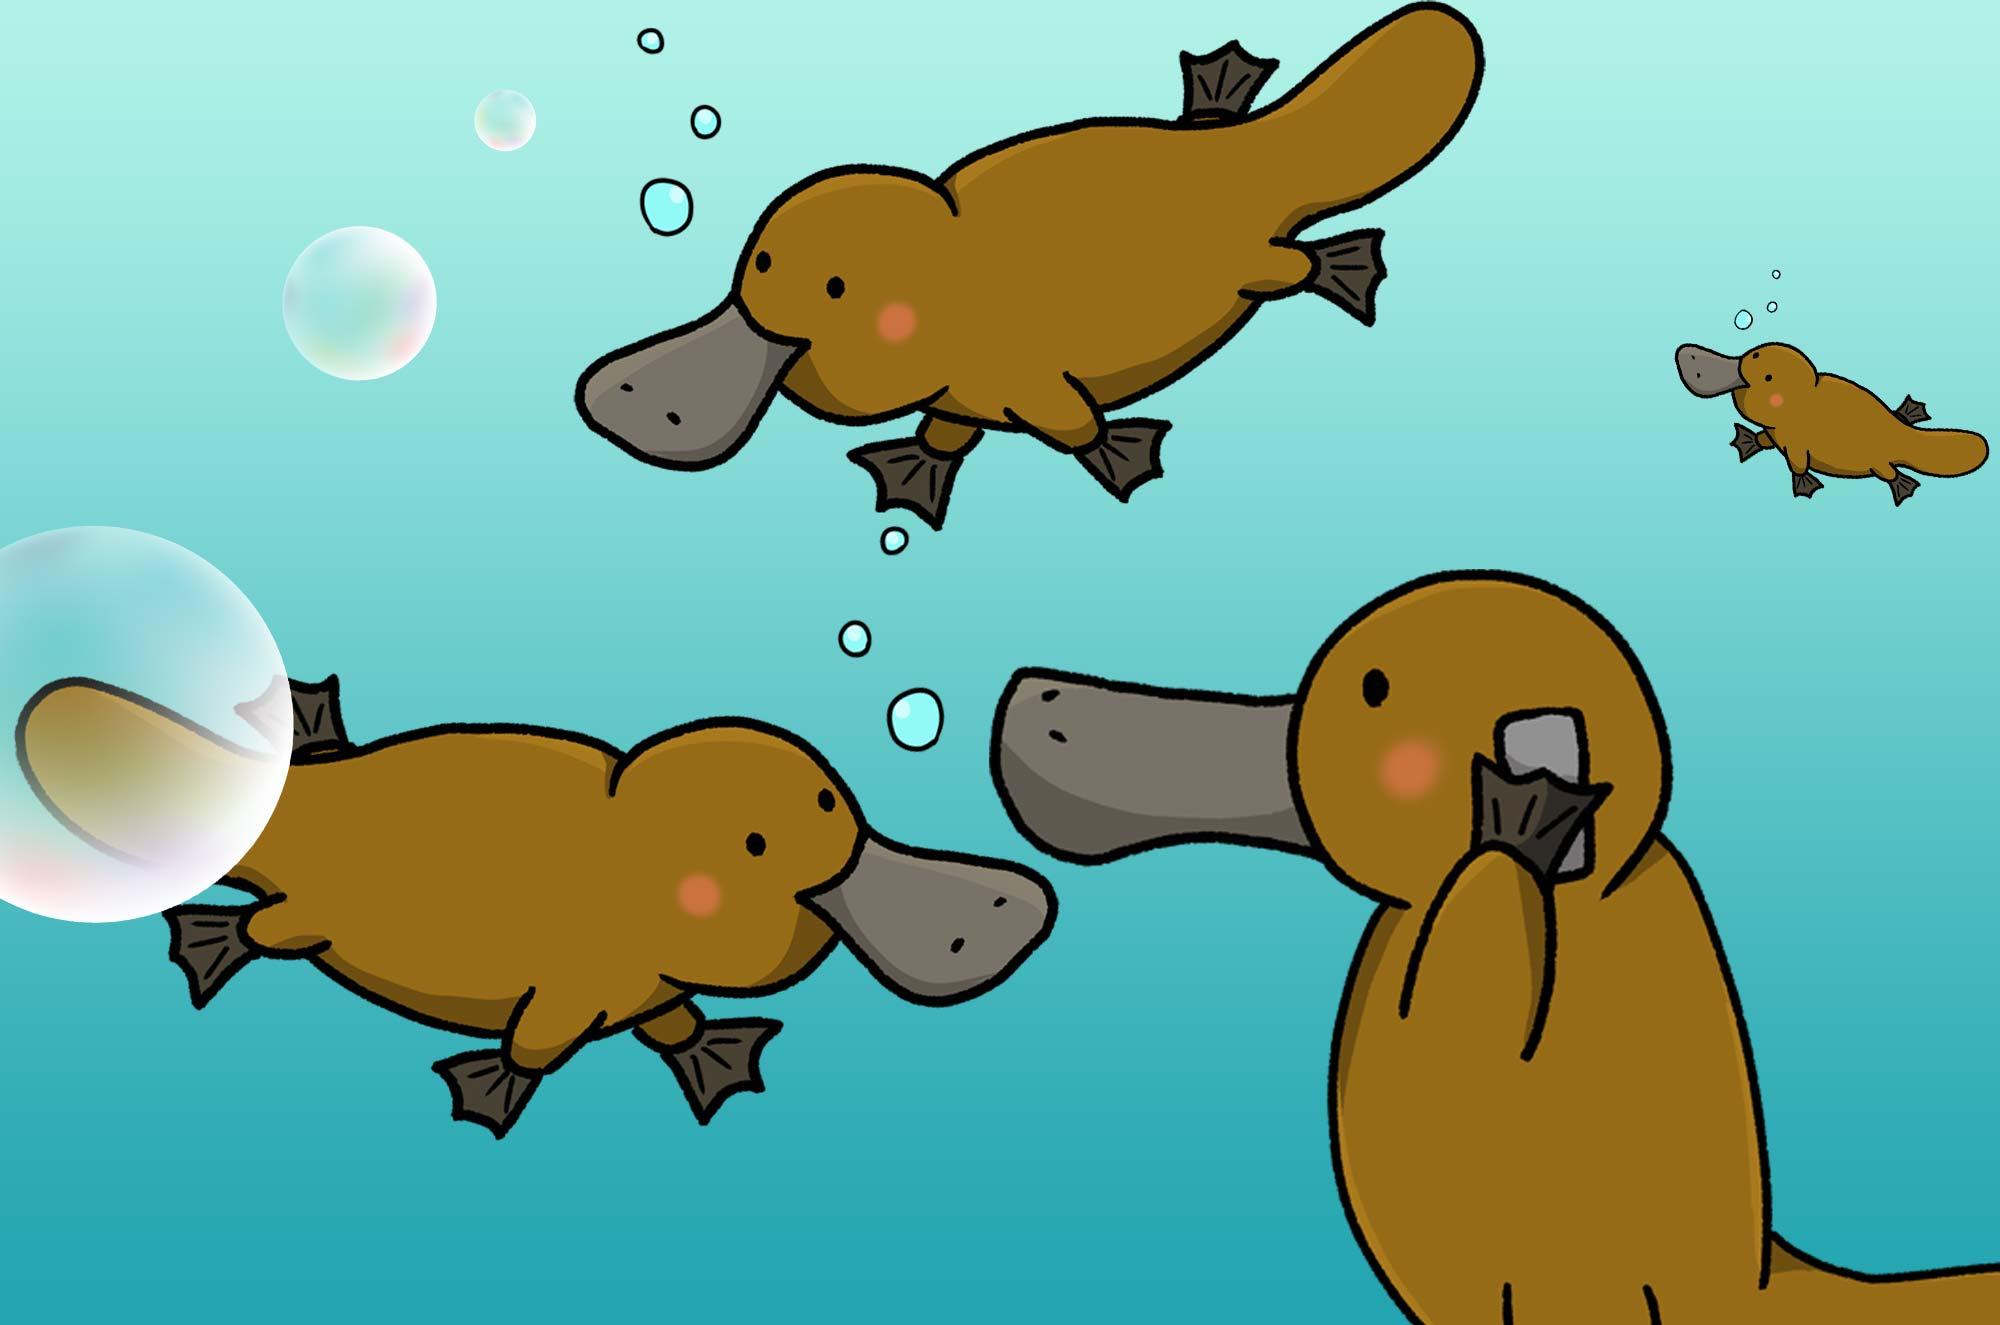 カモノハシのイラスト 優雅に泳ぐ面白い水生動物素材 チコデザ